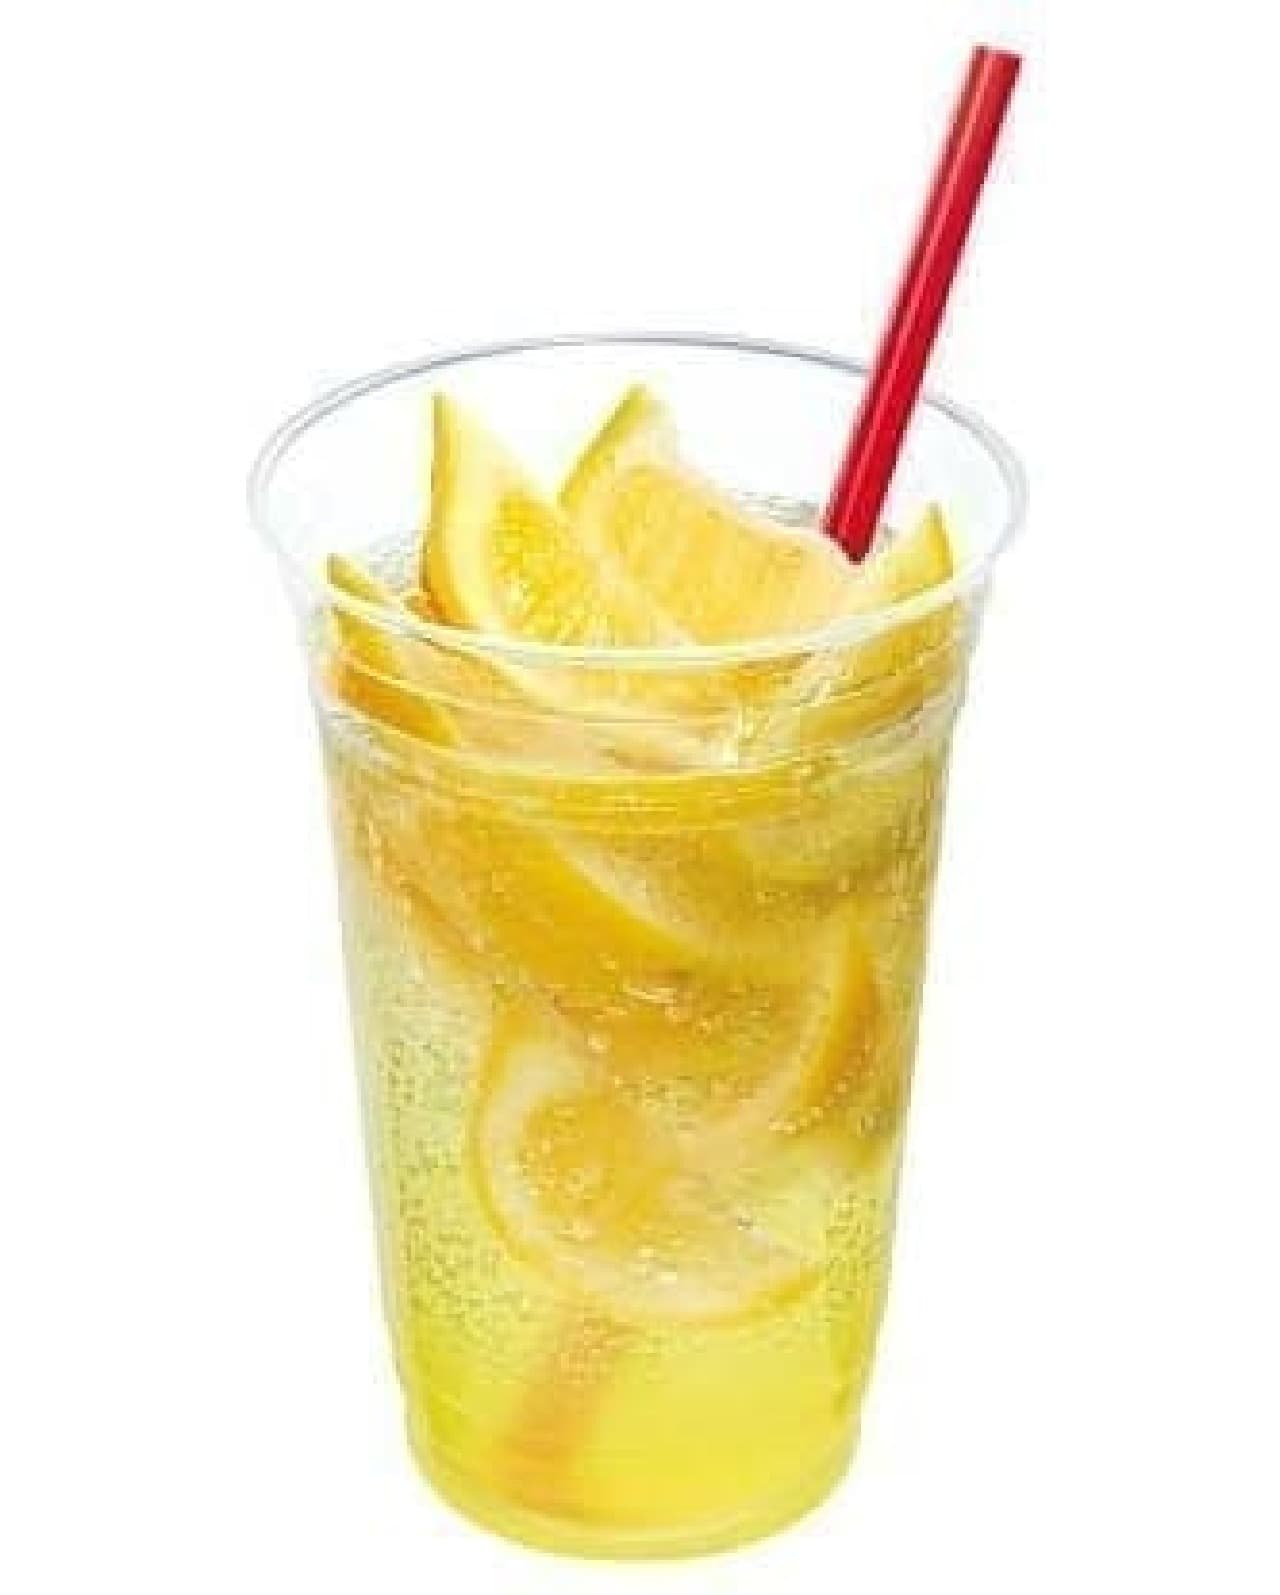 ロッテリア「めっちゃめちゃレモンのレモネードスカッシュ」